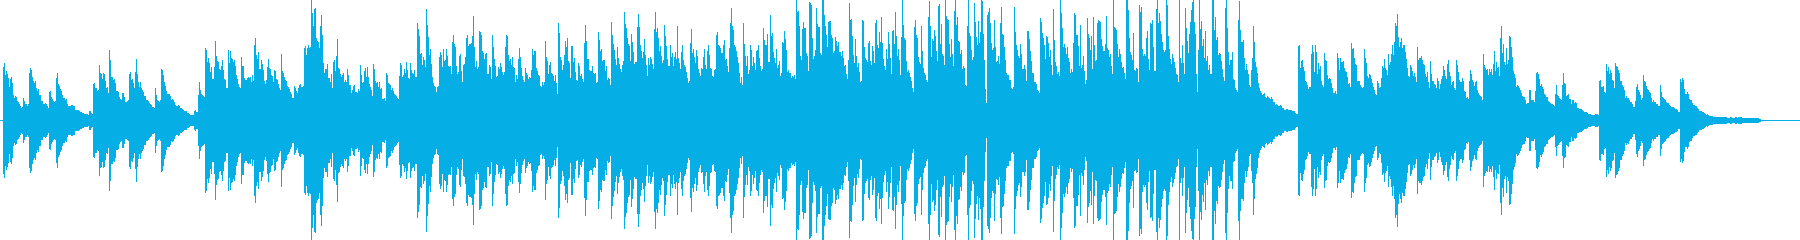 感動・わくわく・ピアノ・映像・イベント用の再生済みの波形